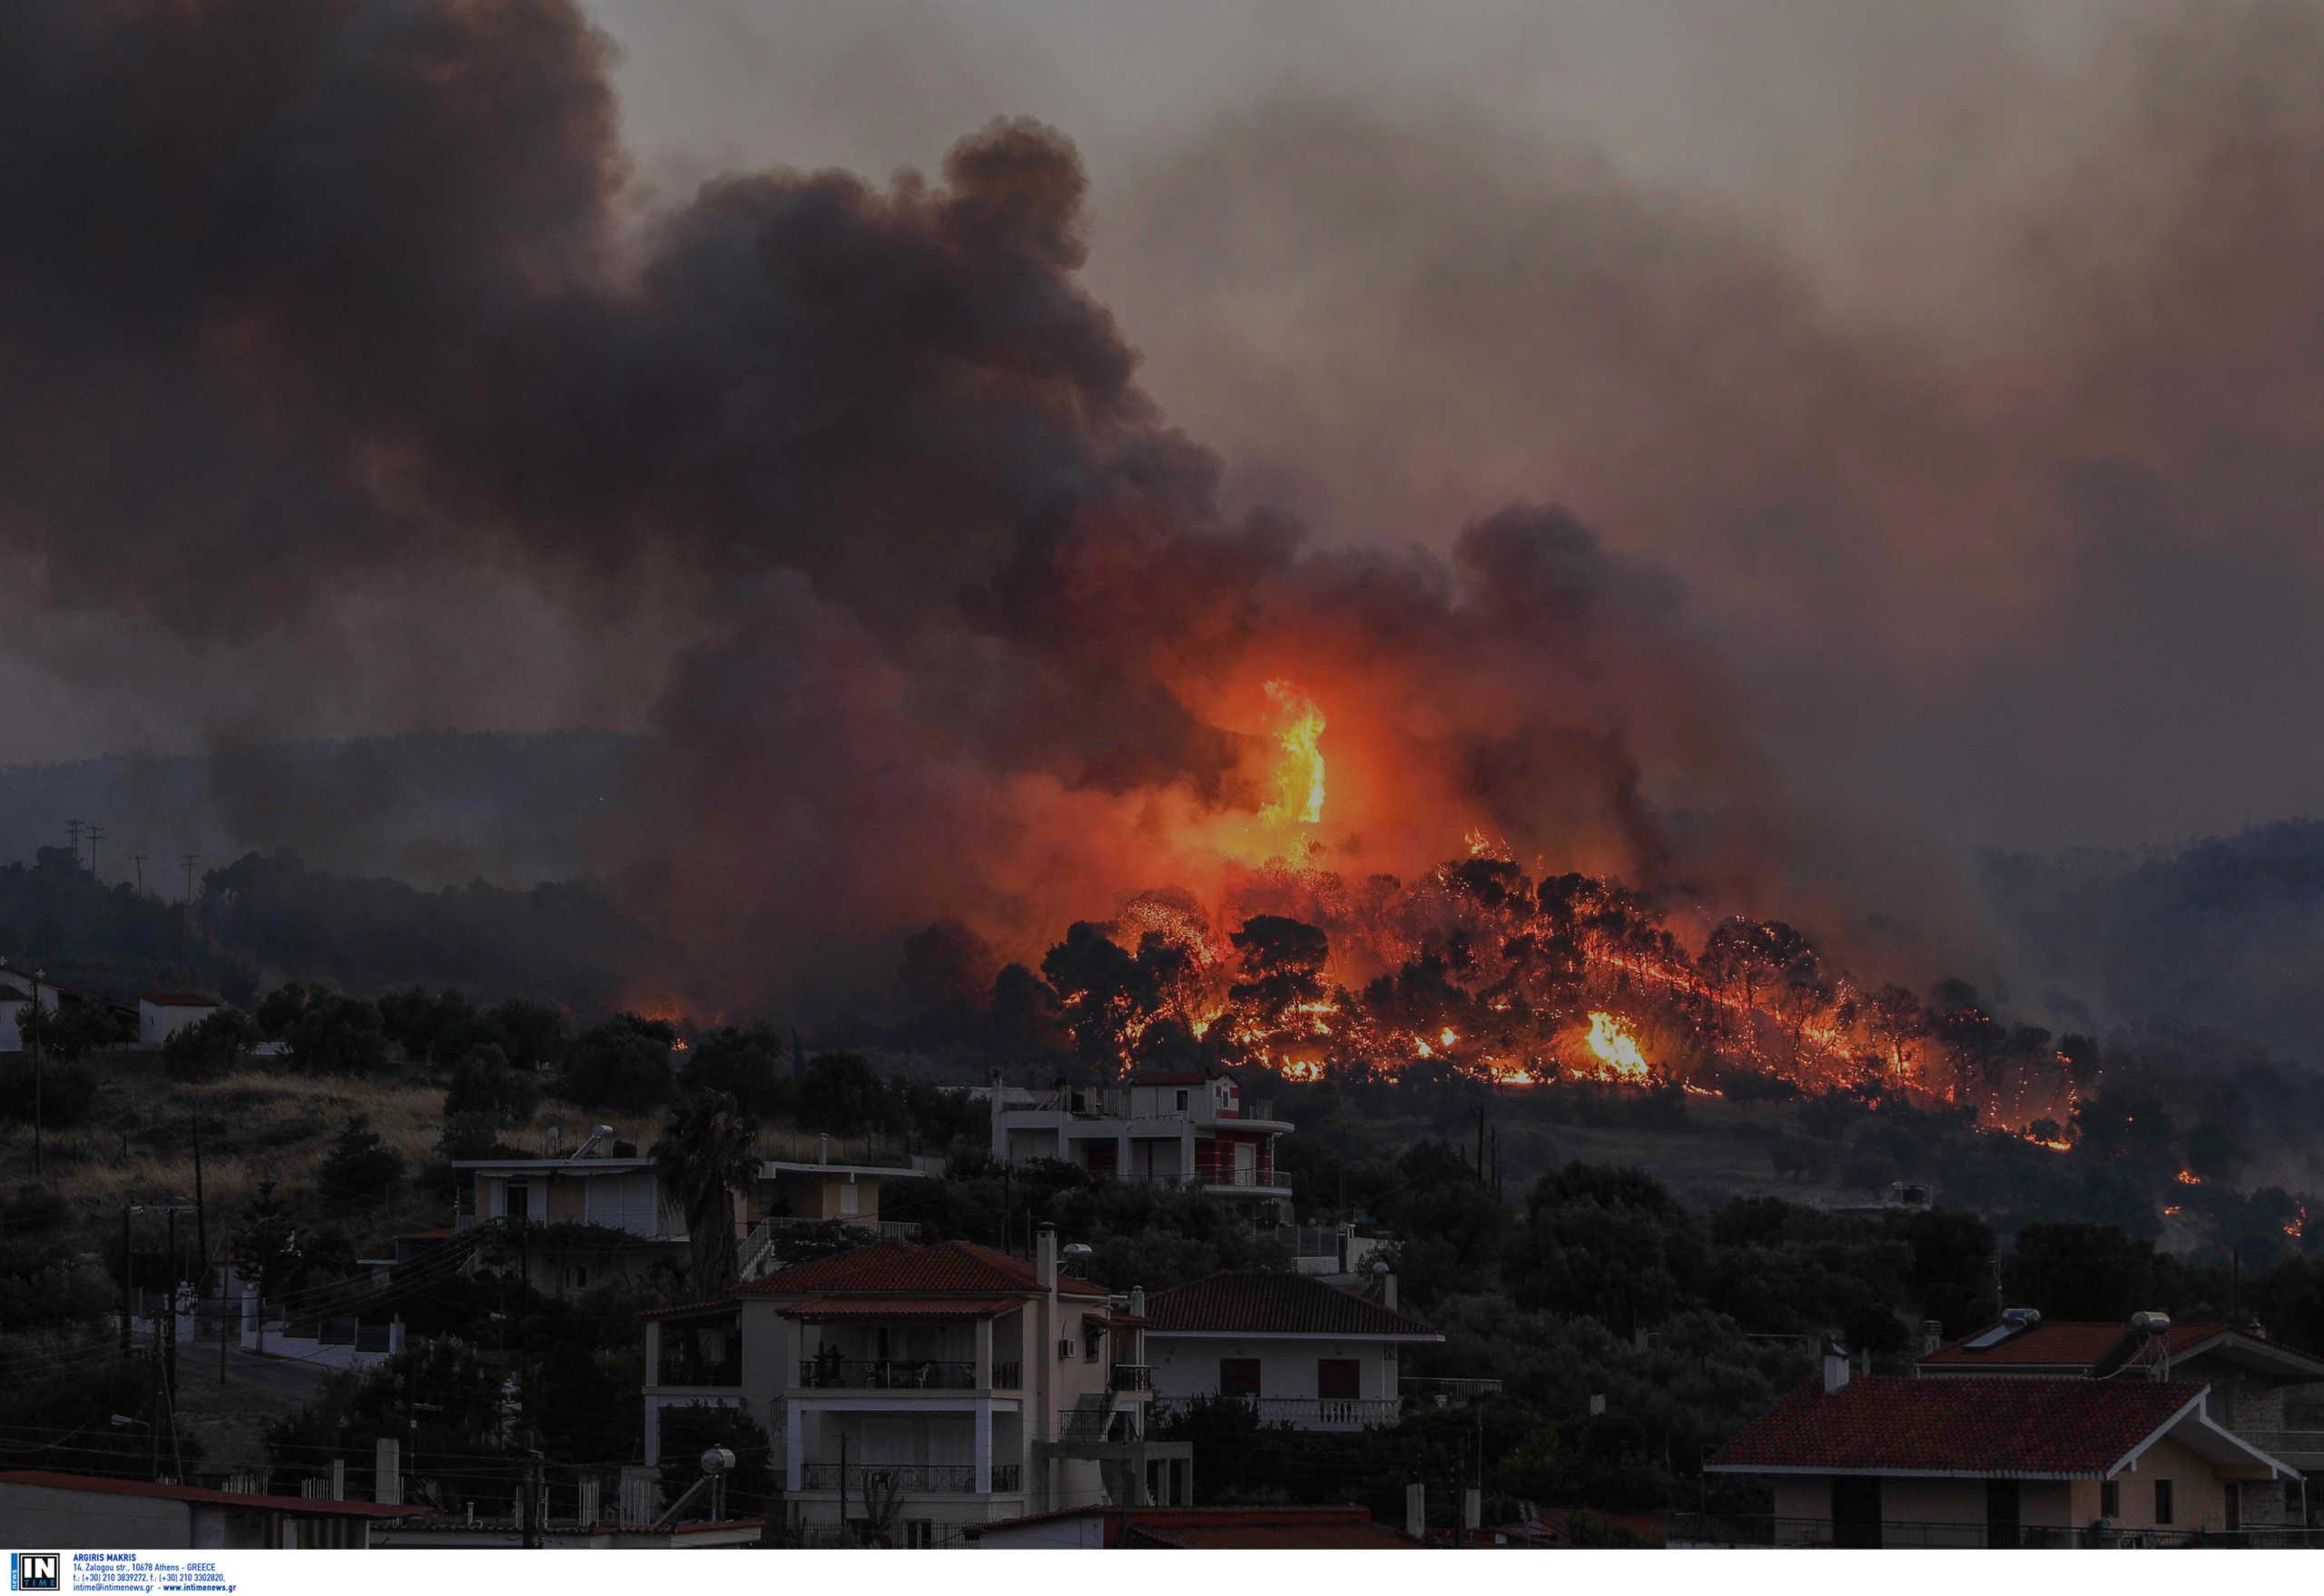 Κόρινθος: Εκτός ελέγχου η φωτιά στις Κεχριές – Εκκενώνονται ο ...